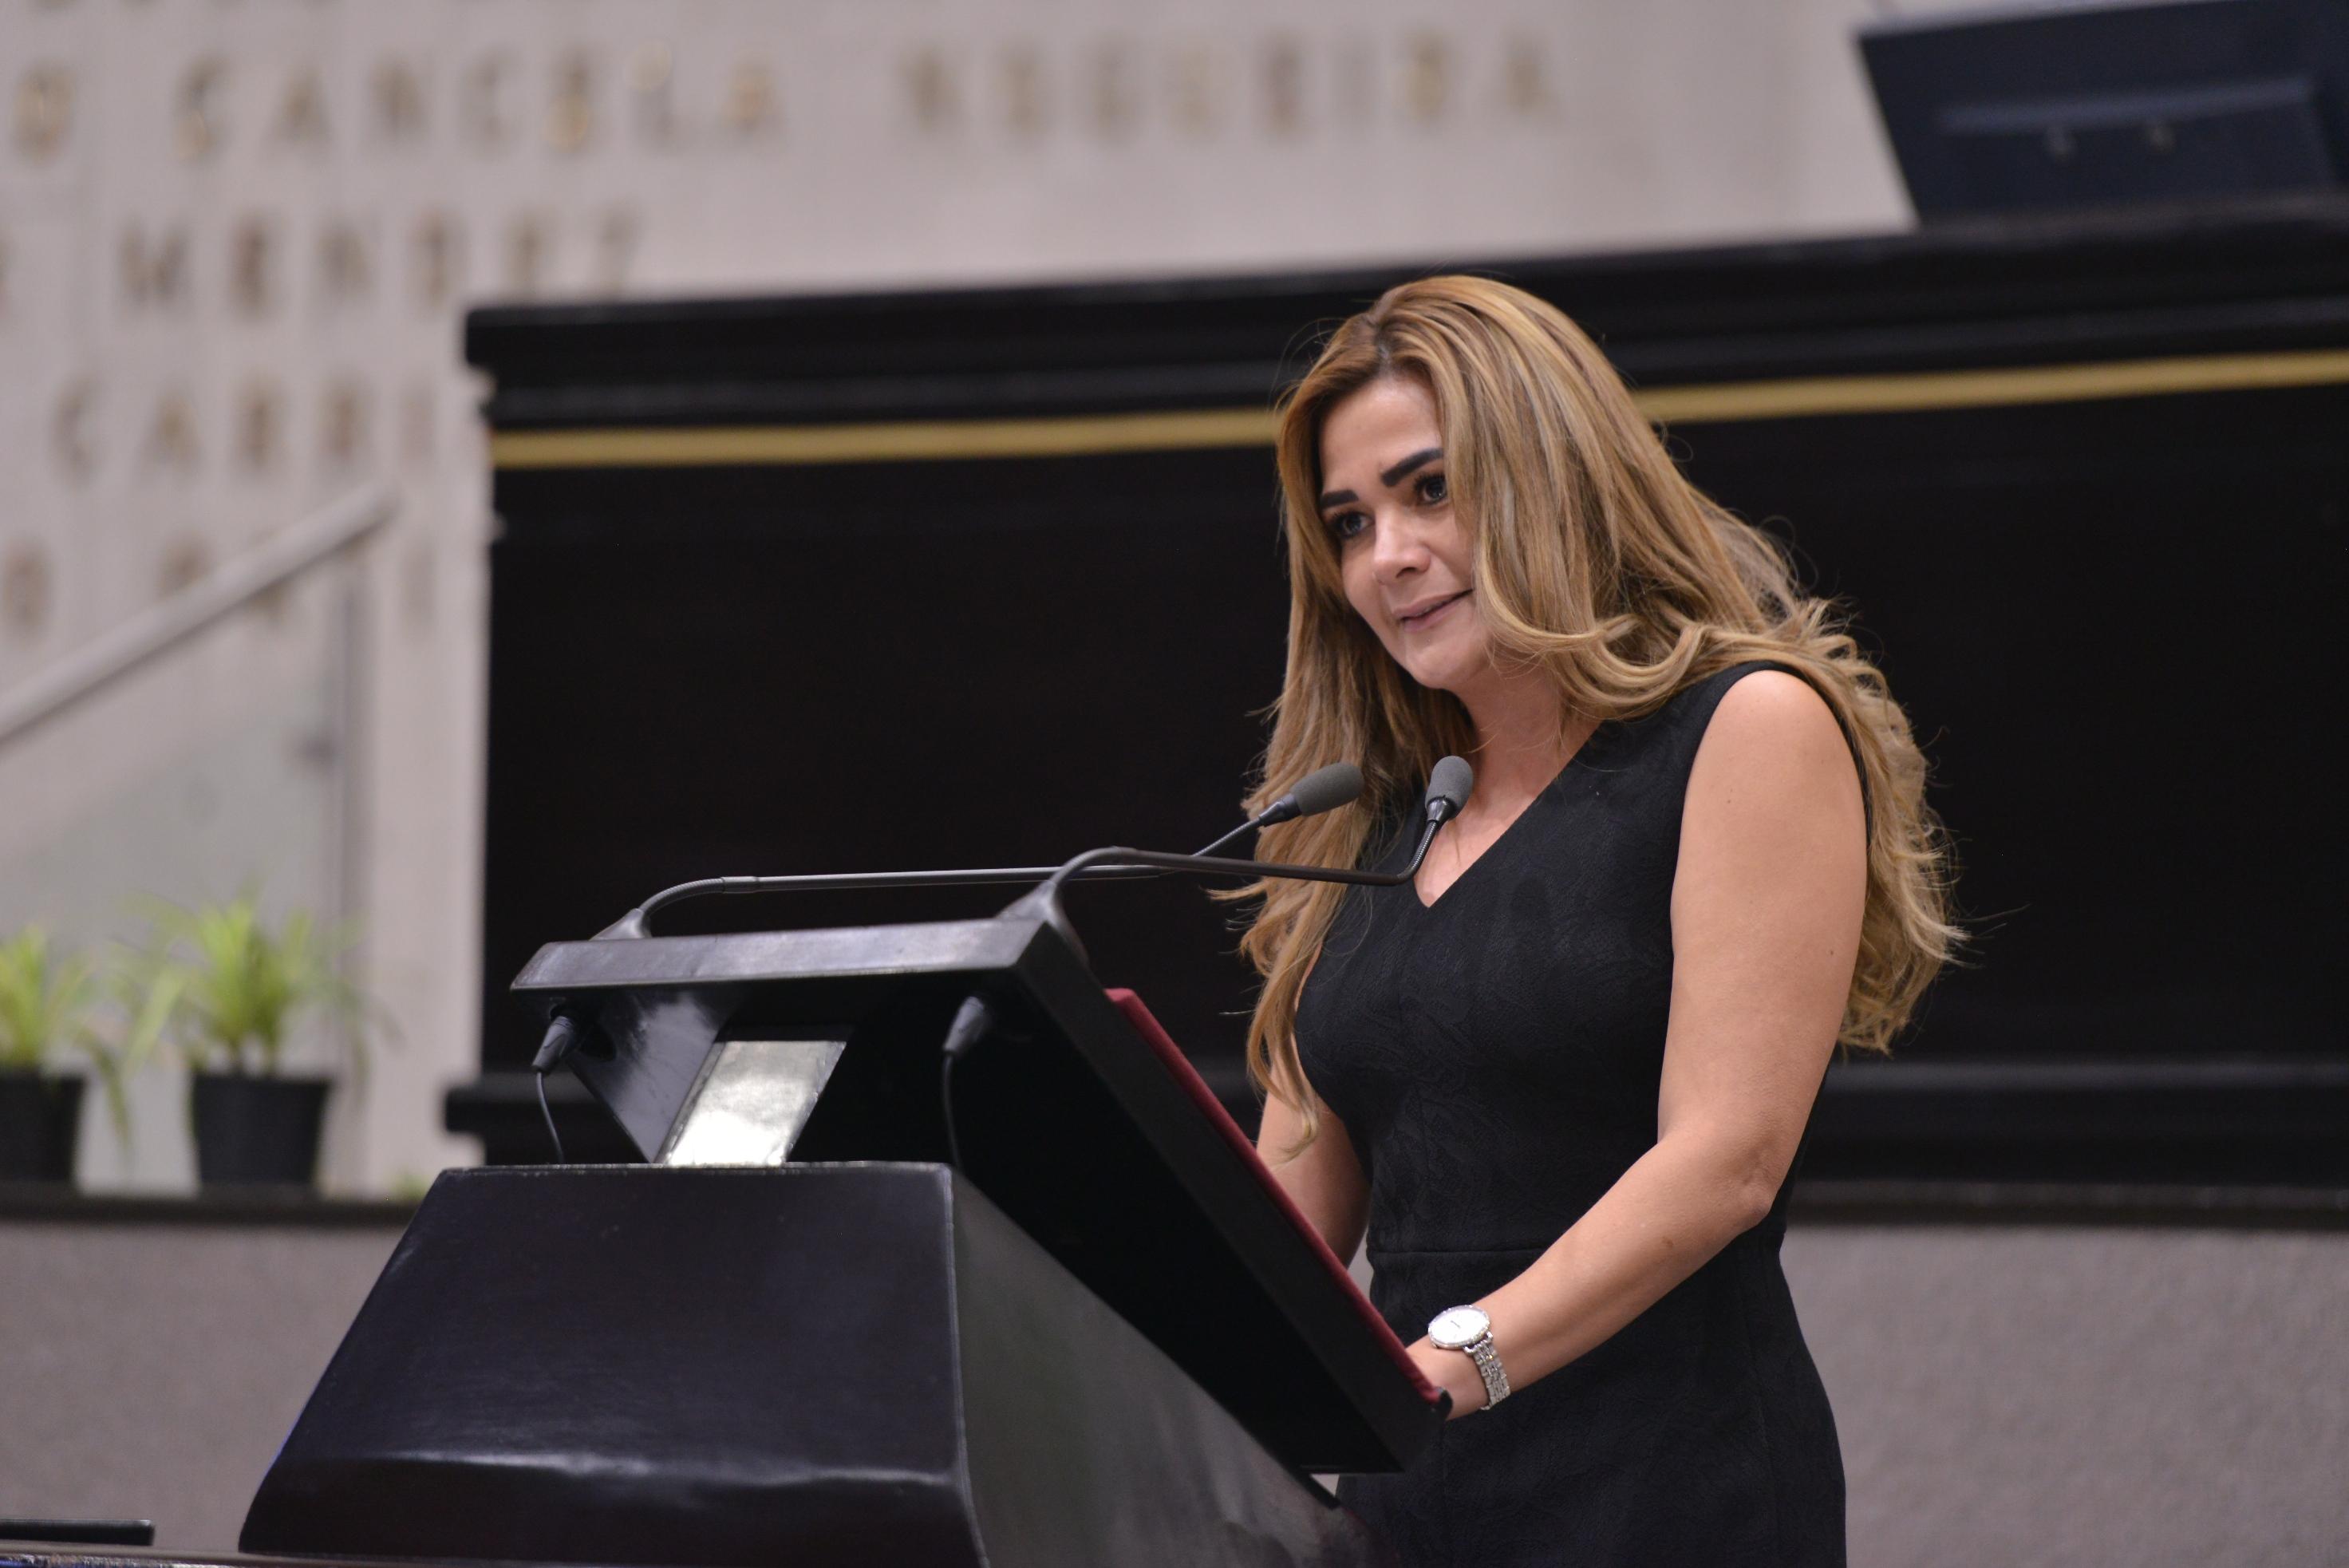 En delitos por corrupción no habría libertad condicional, propone diputada